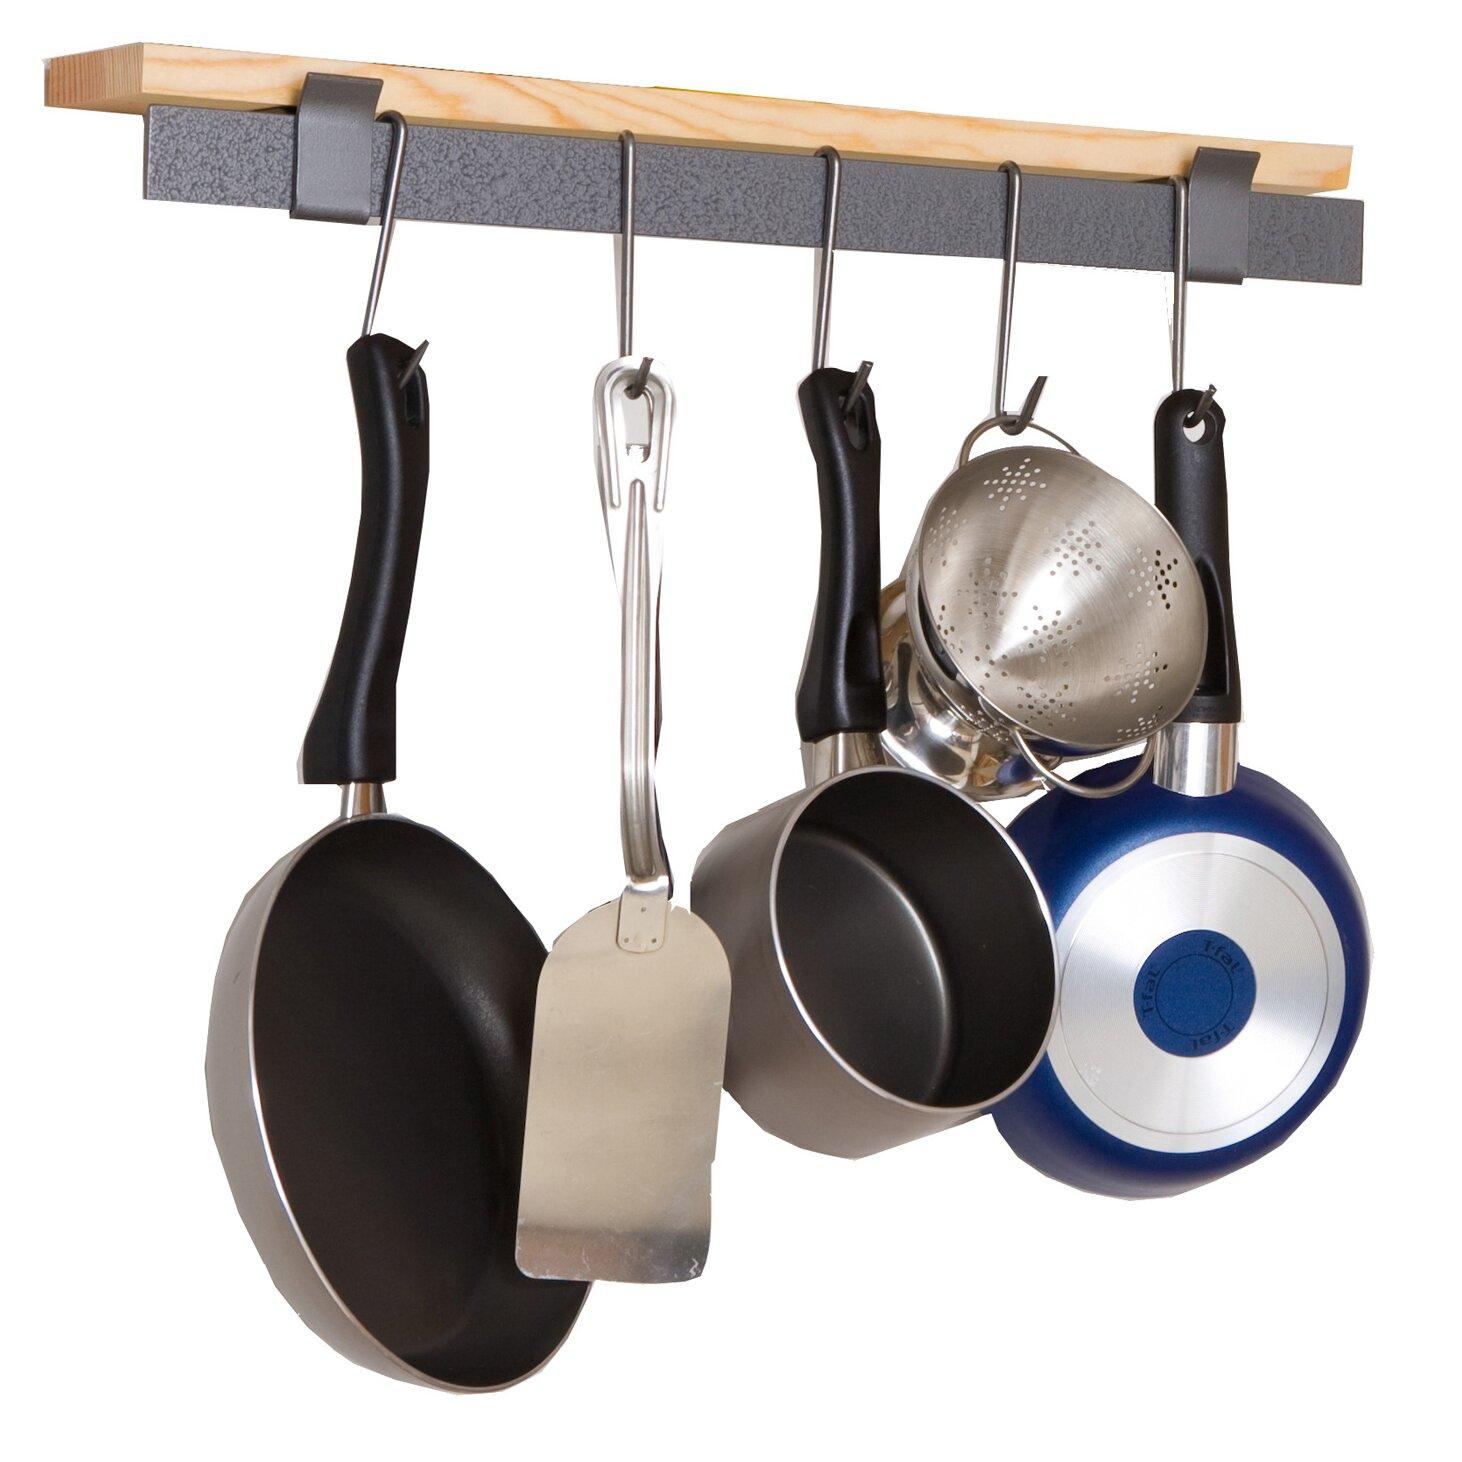 Pot Rack: Enclume RACK IT UP! Wall Mounted Bar And Bamboo Shelf Pot